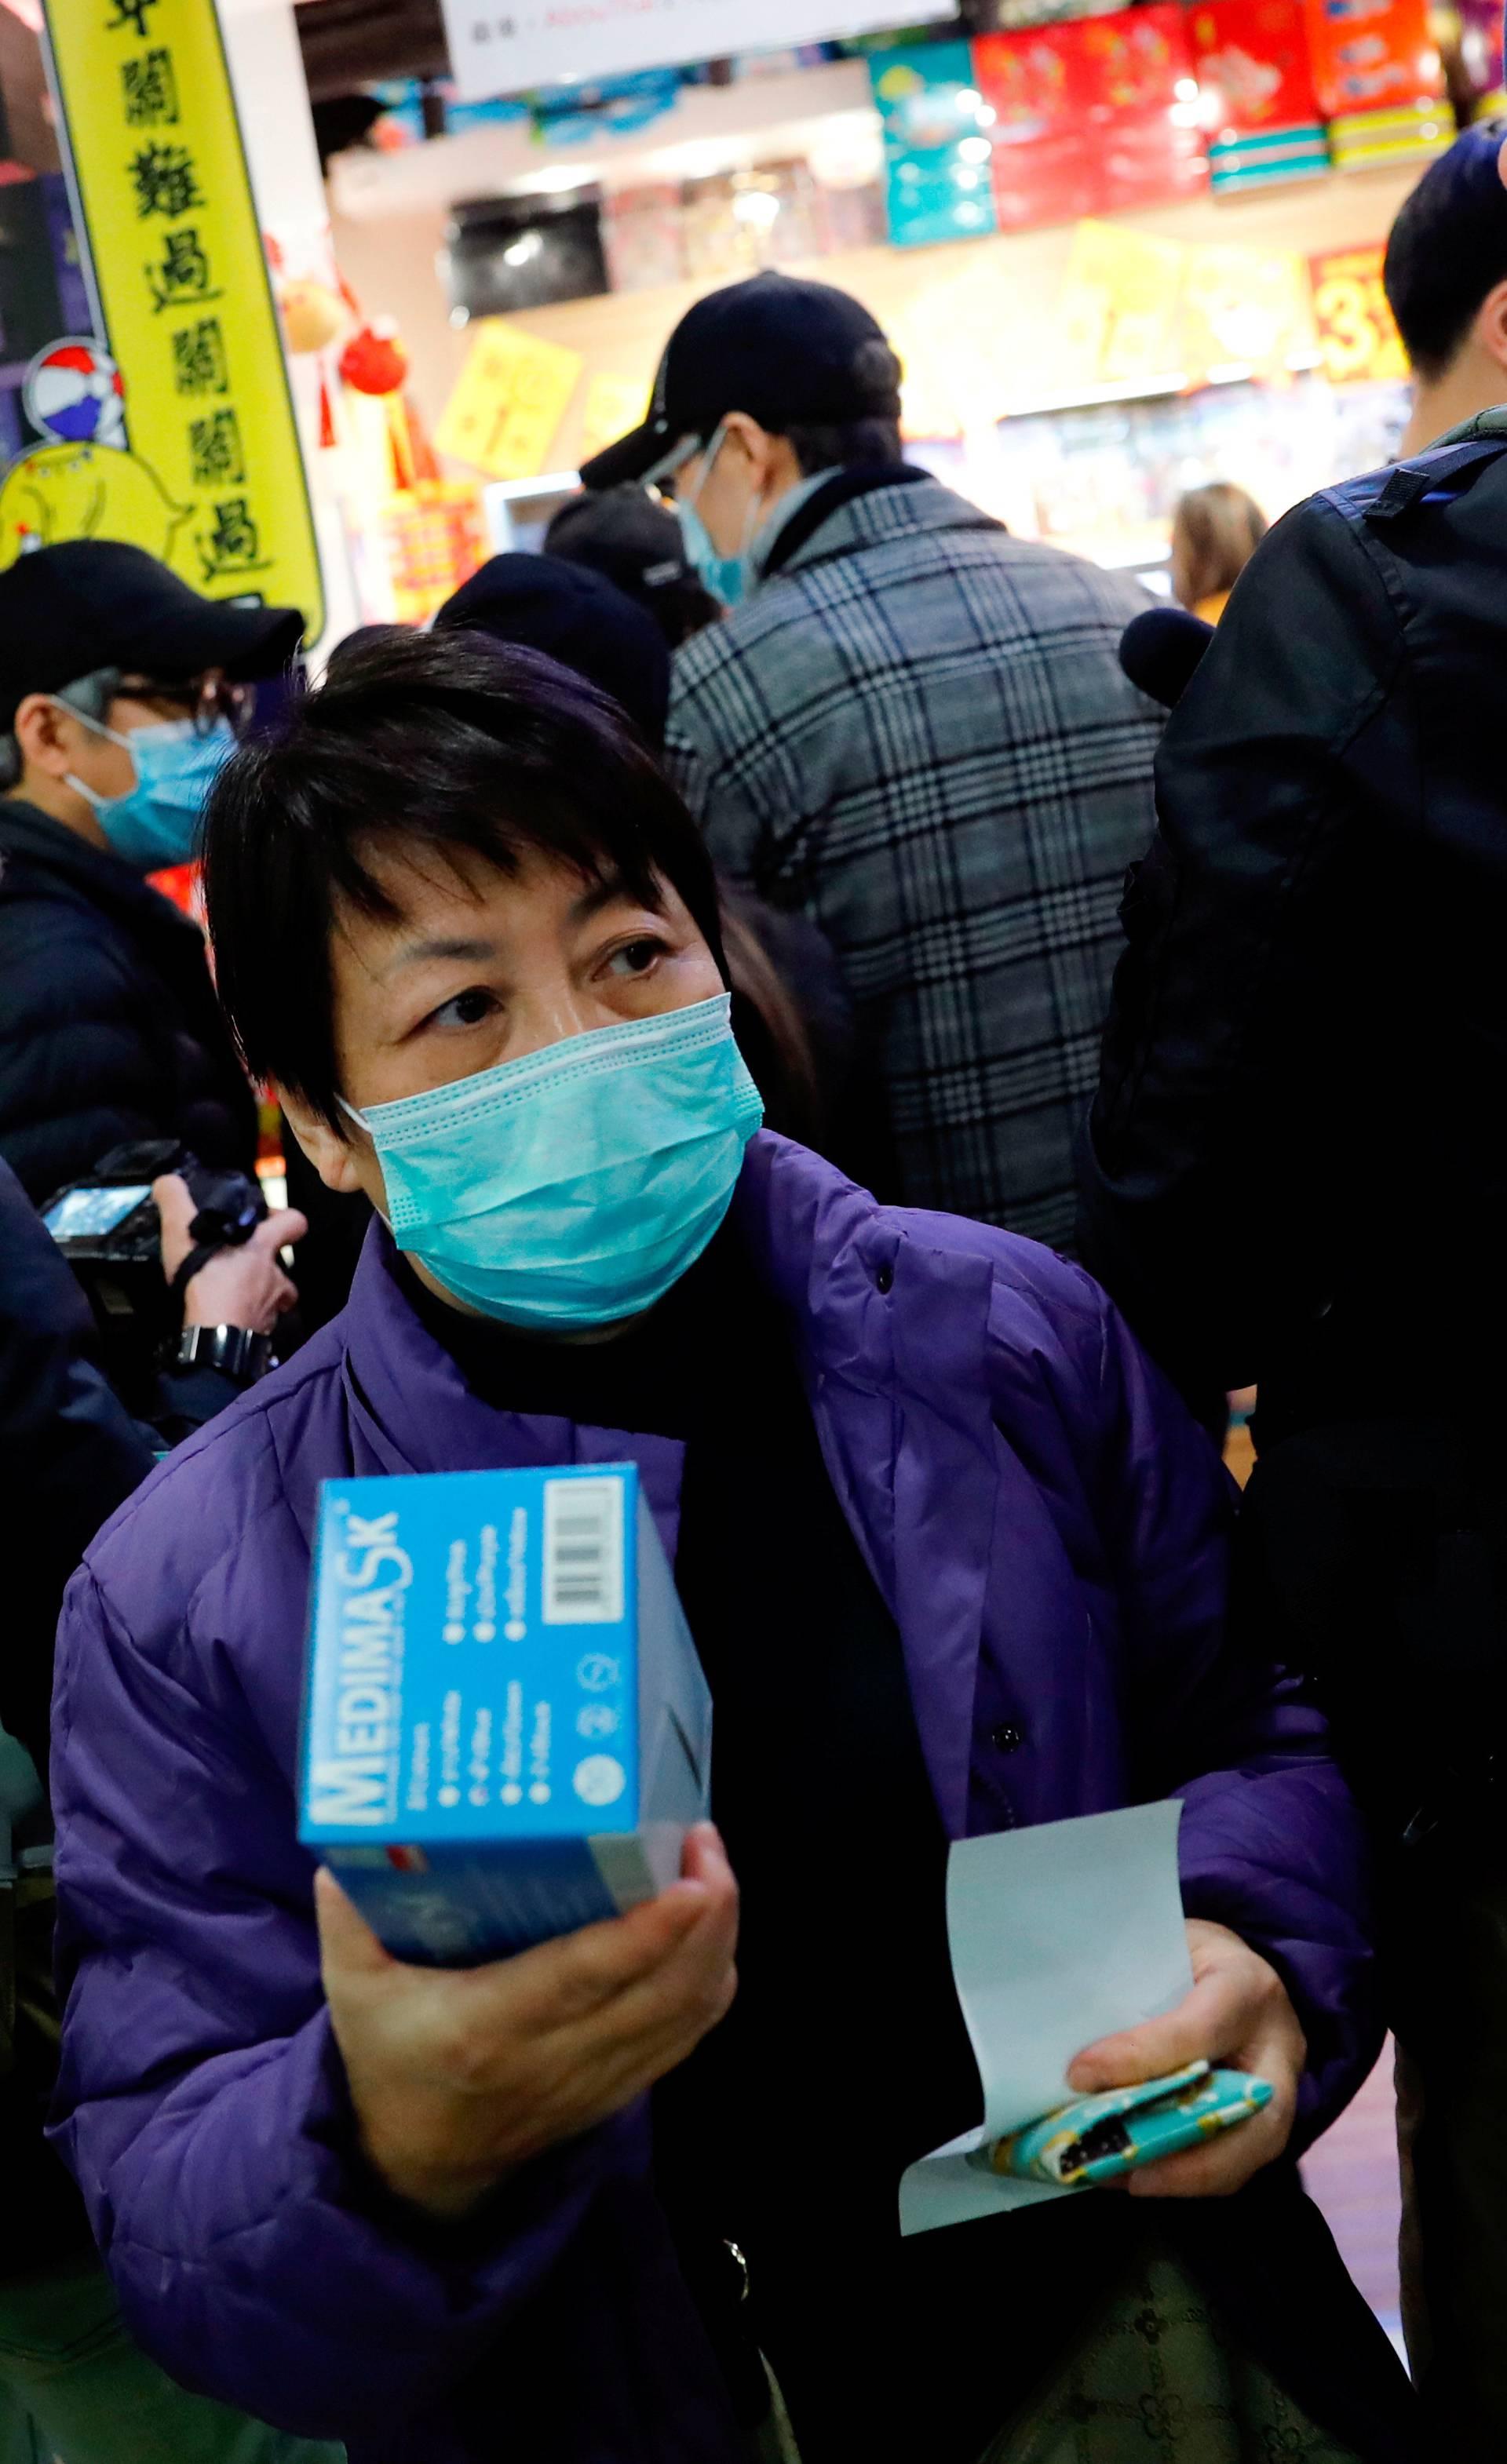 U jedan dan od 'korone' umrlo 57 ljudi, liječi ga lijek za HIV?